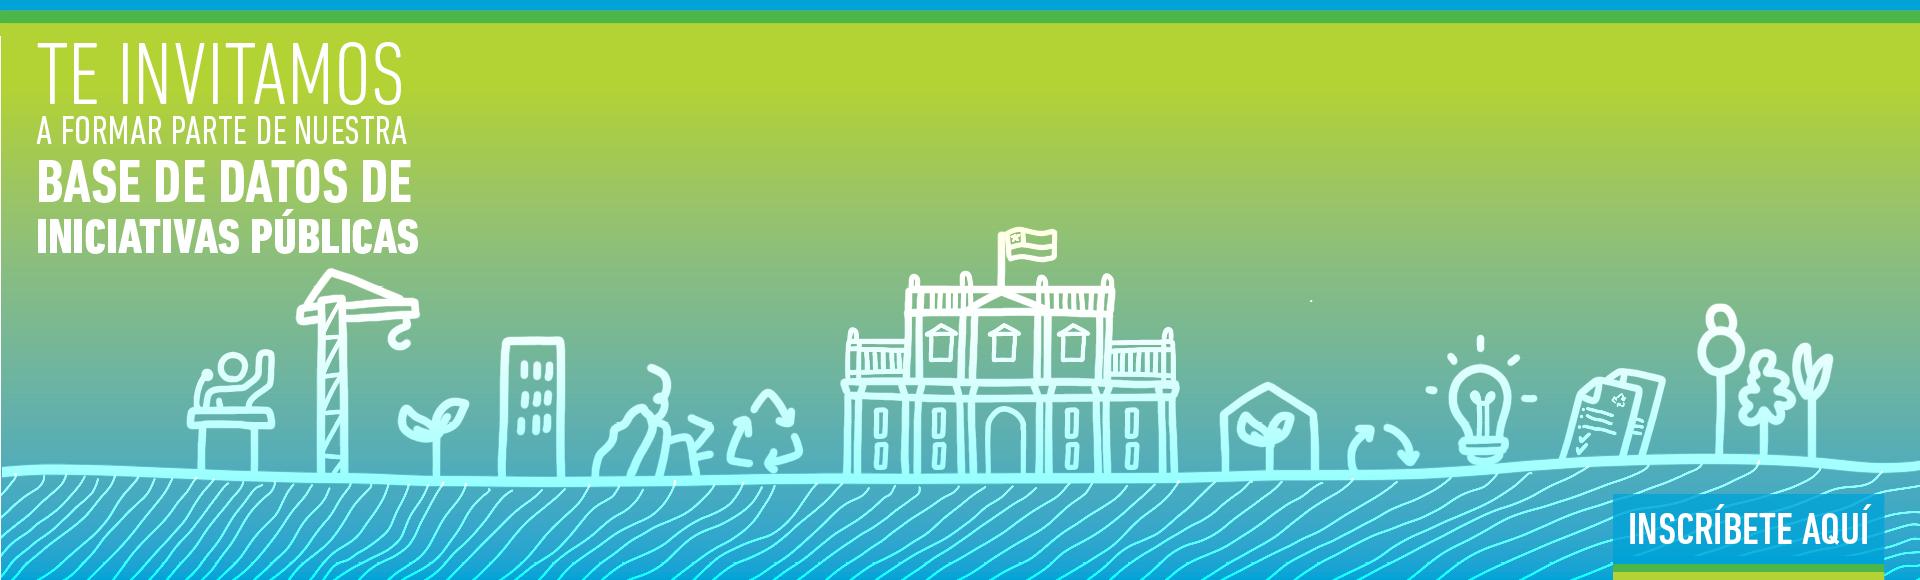 Iniciativas públicas - RCD Estrategia Sustentable